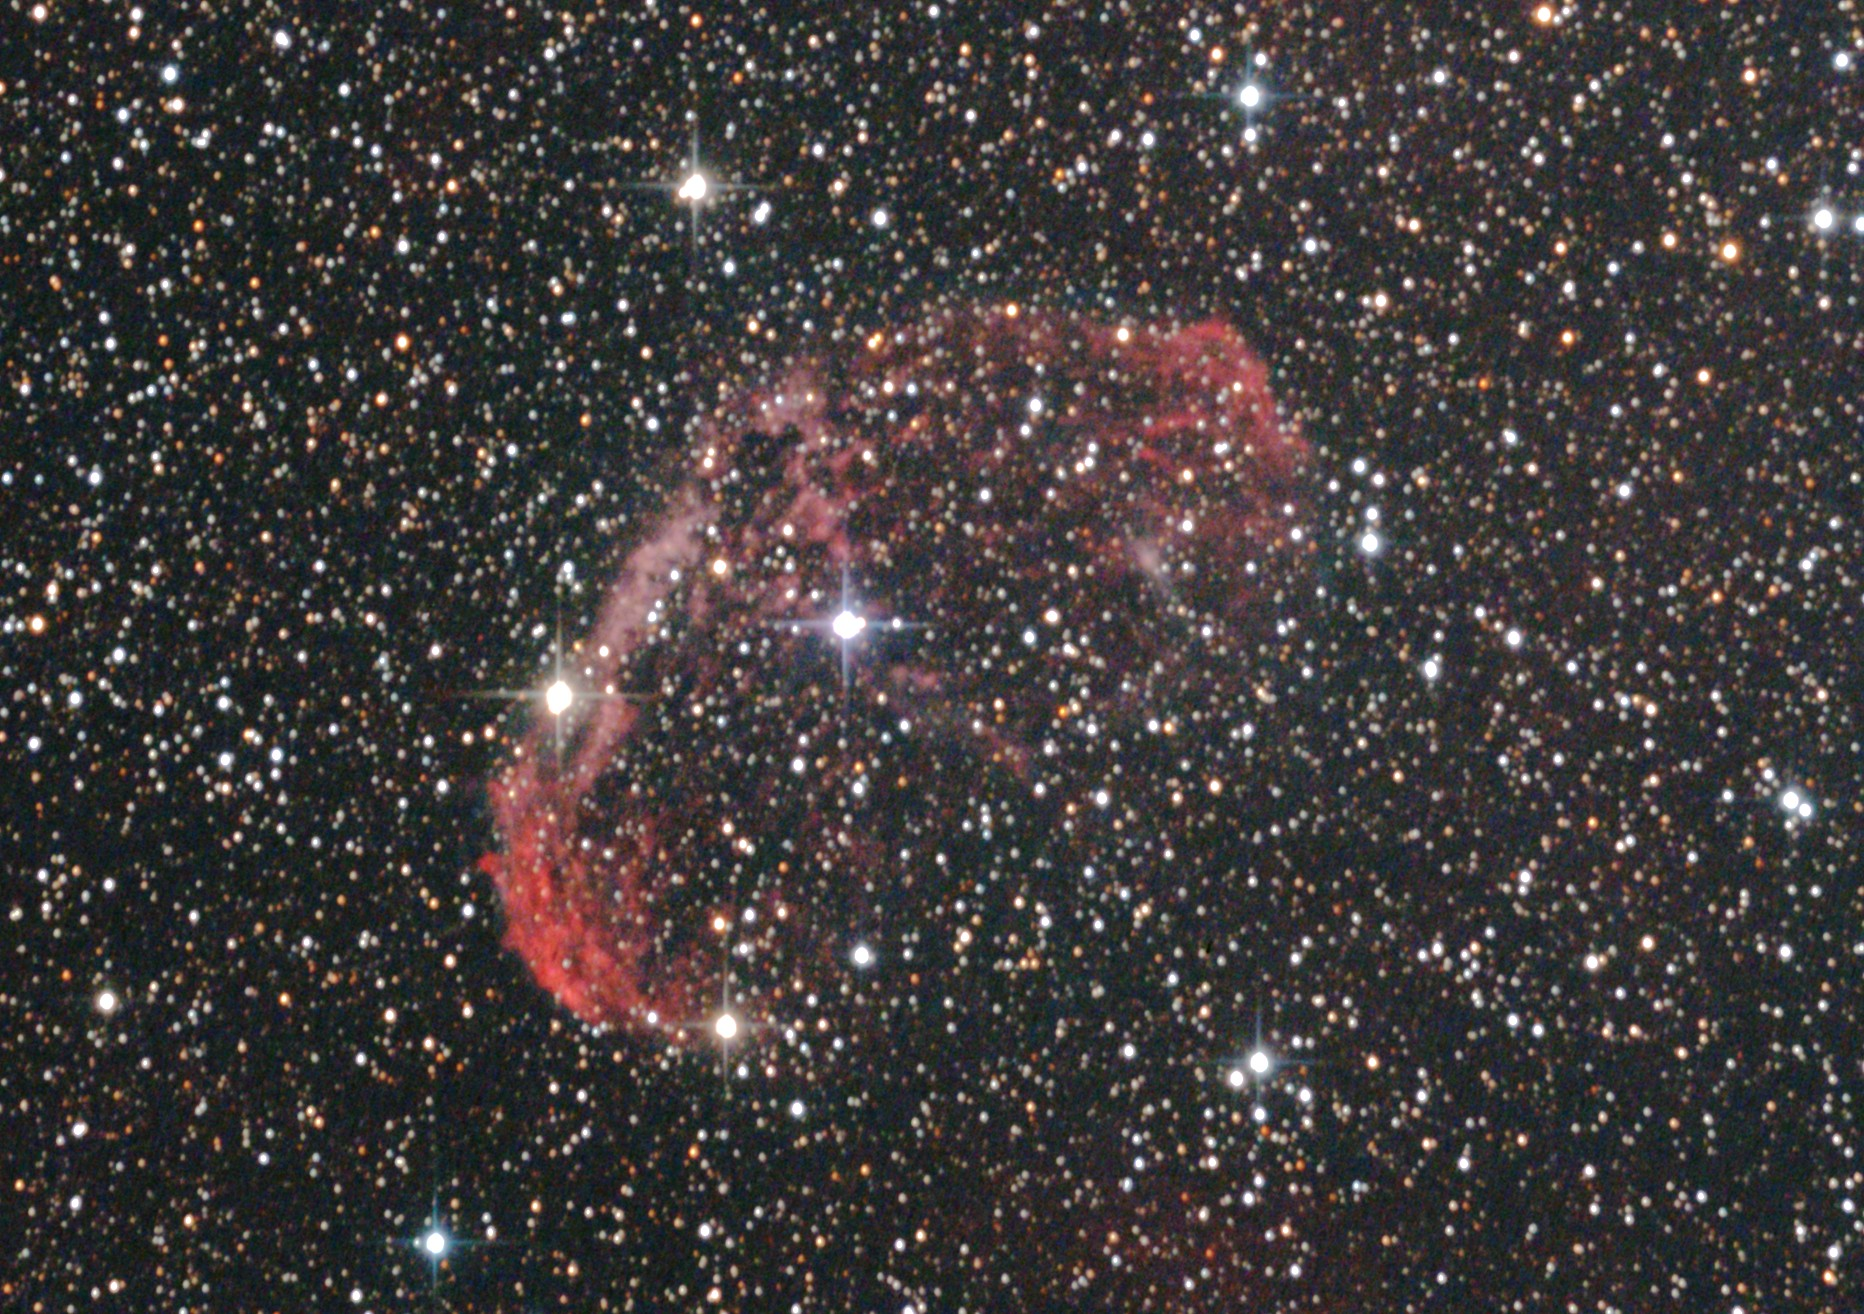 三日月星雲ngc6888trim b20150809